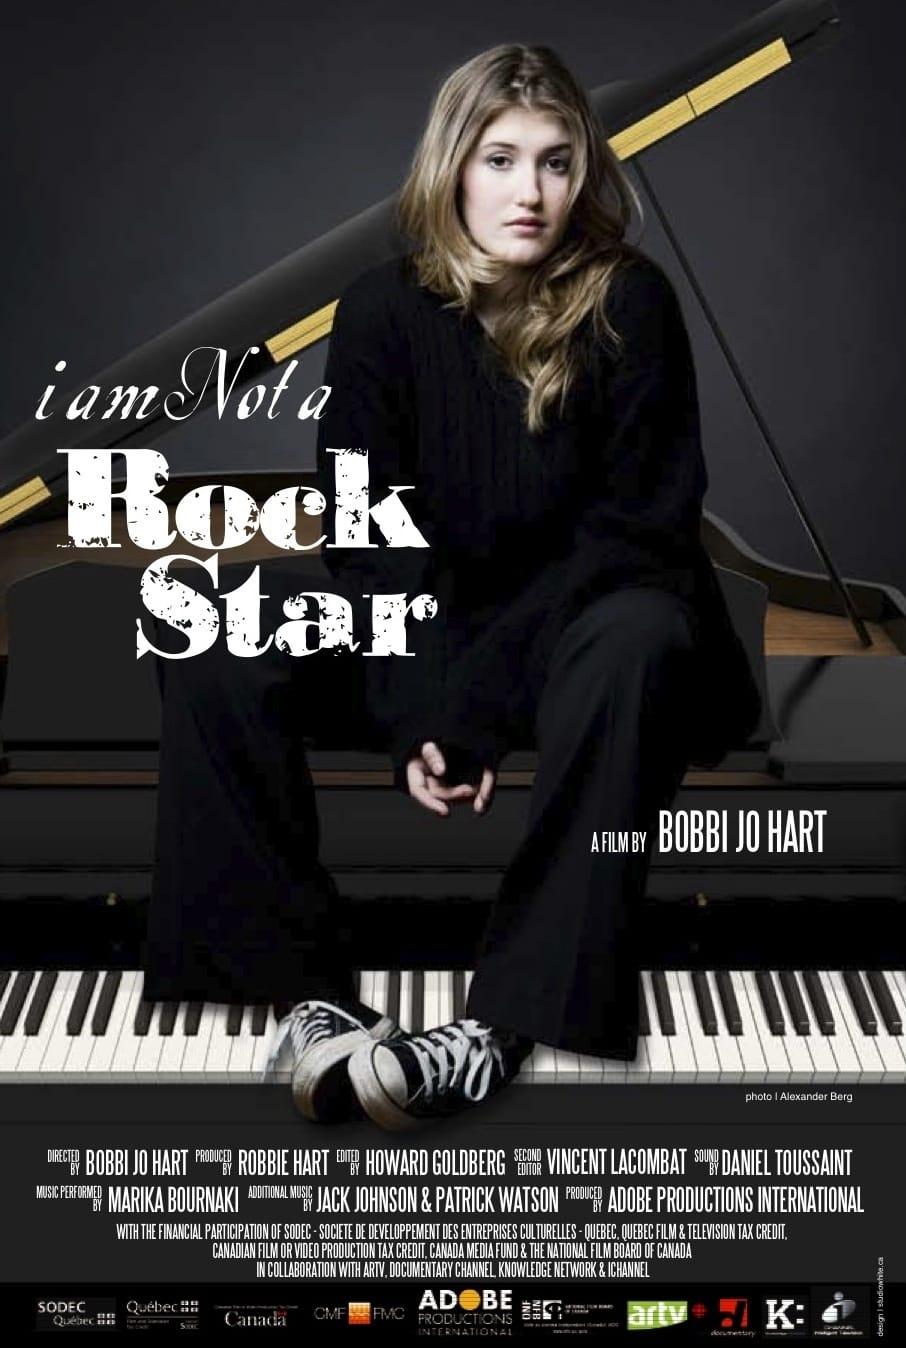 I Am Not a Rock Star (2012)